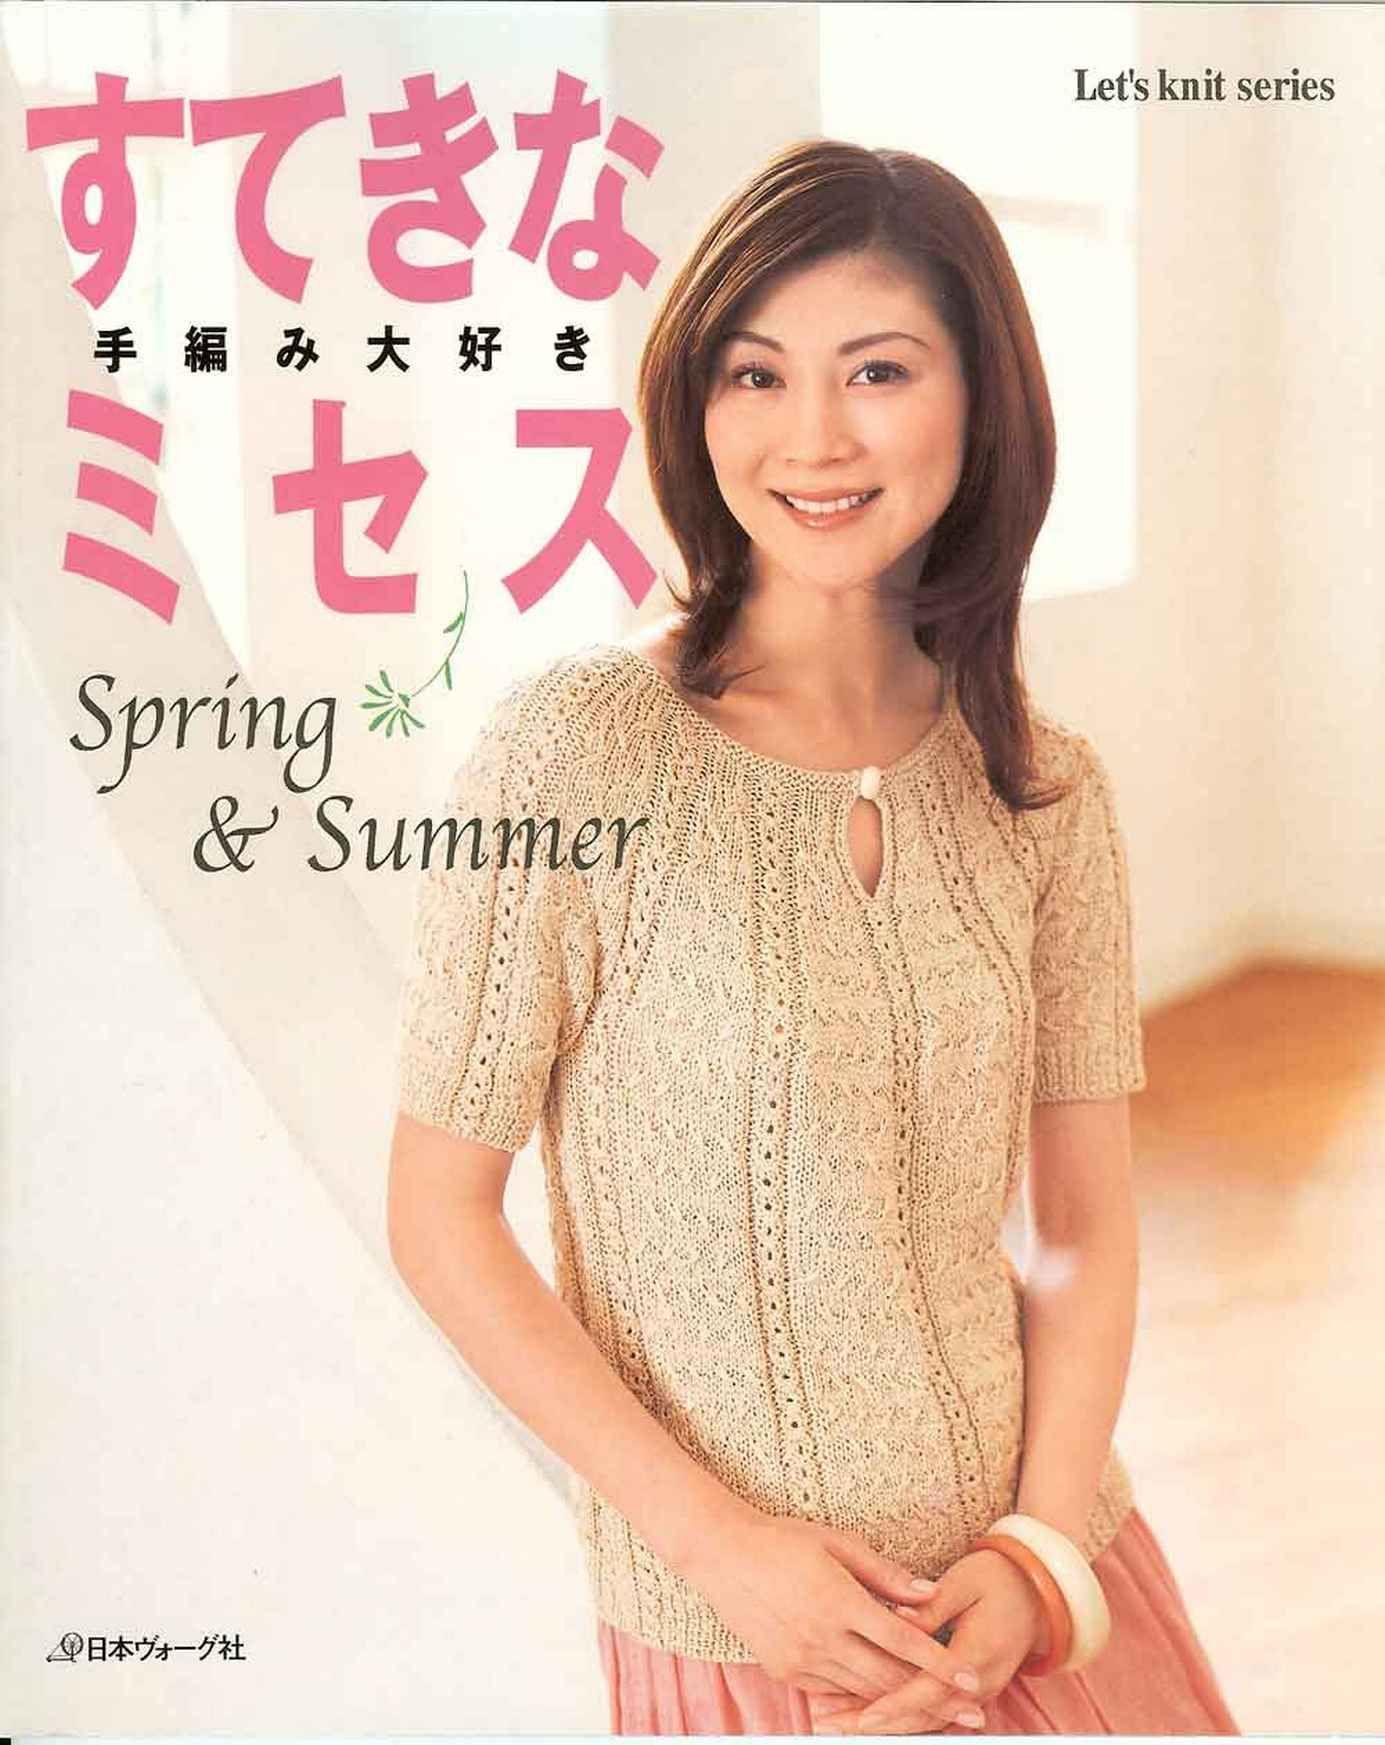 转载】Lets knit series 2007 Spring summer - 编织幸福的日志 - 网易 ...